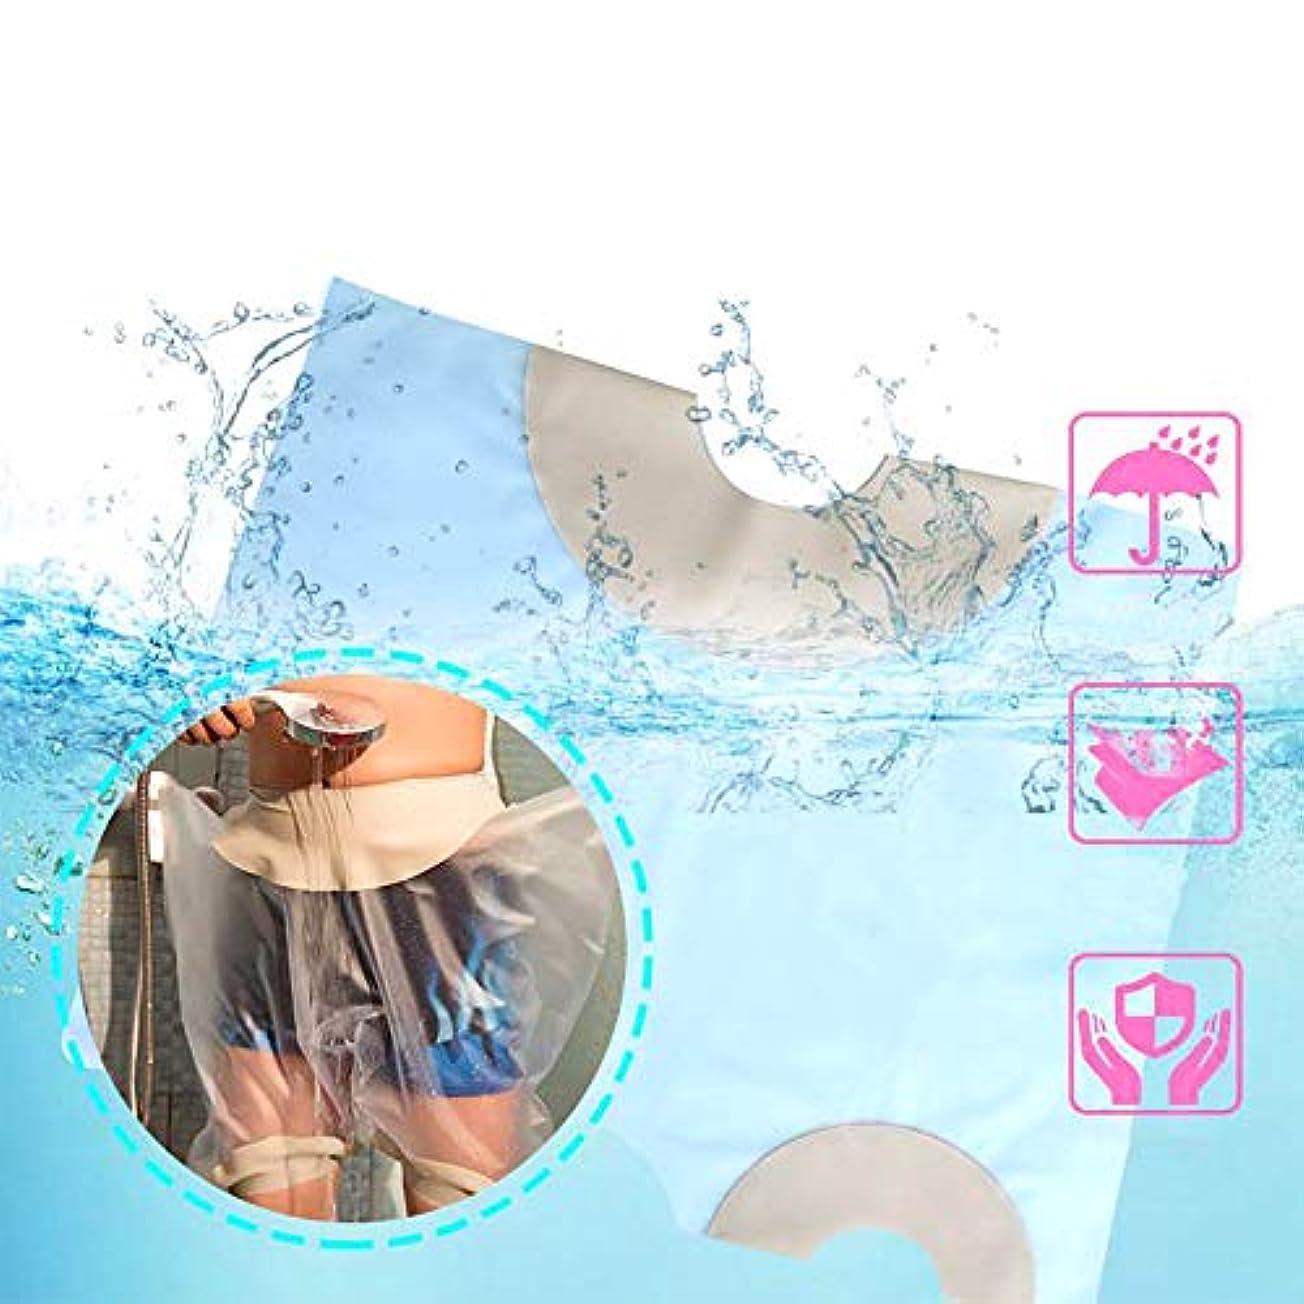 呼吸するシングルカスタム防水キャストバッグ包帯プロテクター防水大人のプラスチック製の保護ドライバッグ防水、耐、水中シール,M